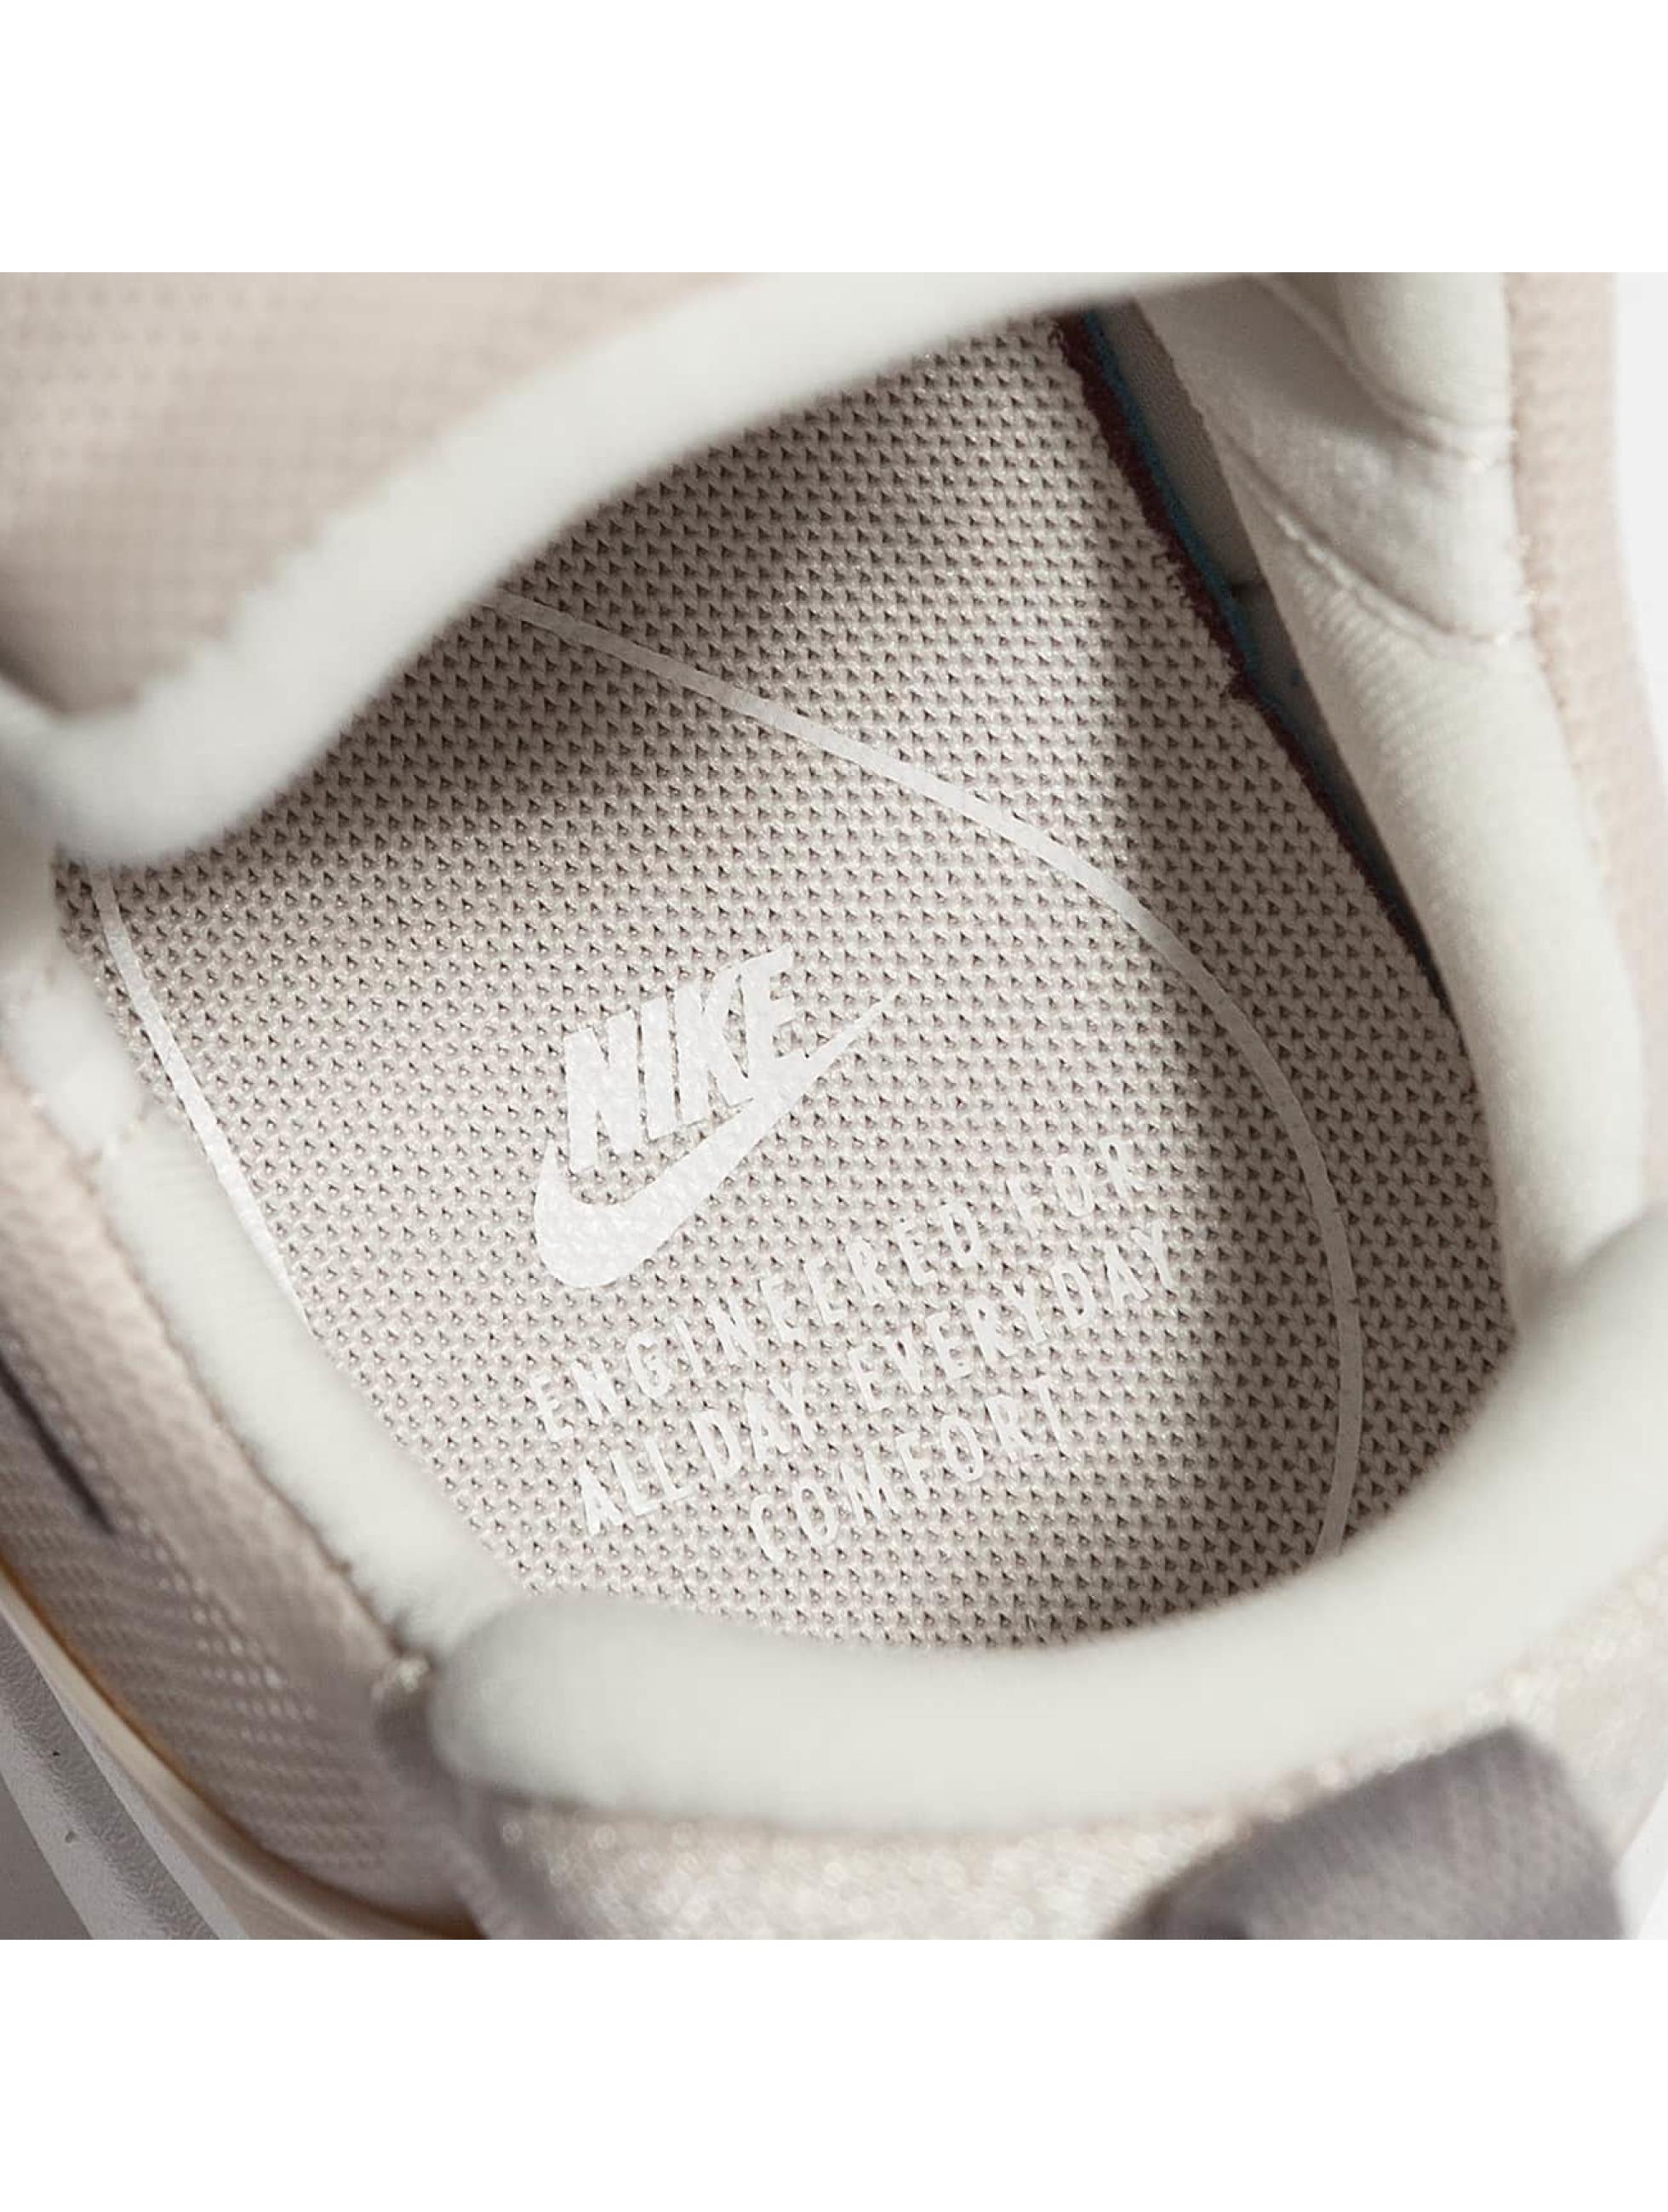 Nike Zapatillas de deporte Presto Fly beis